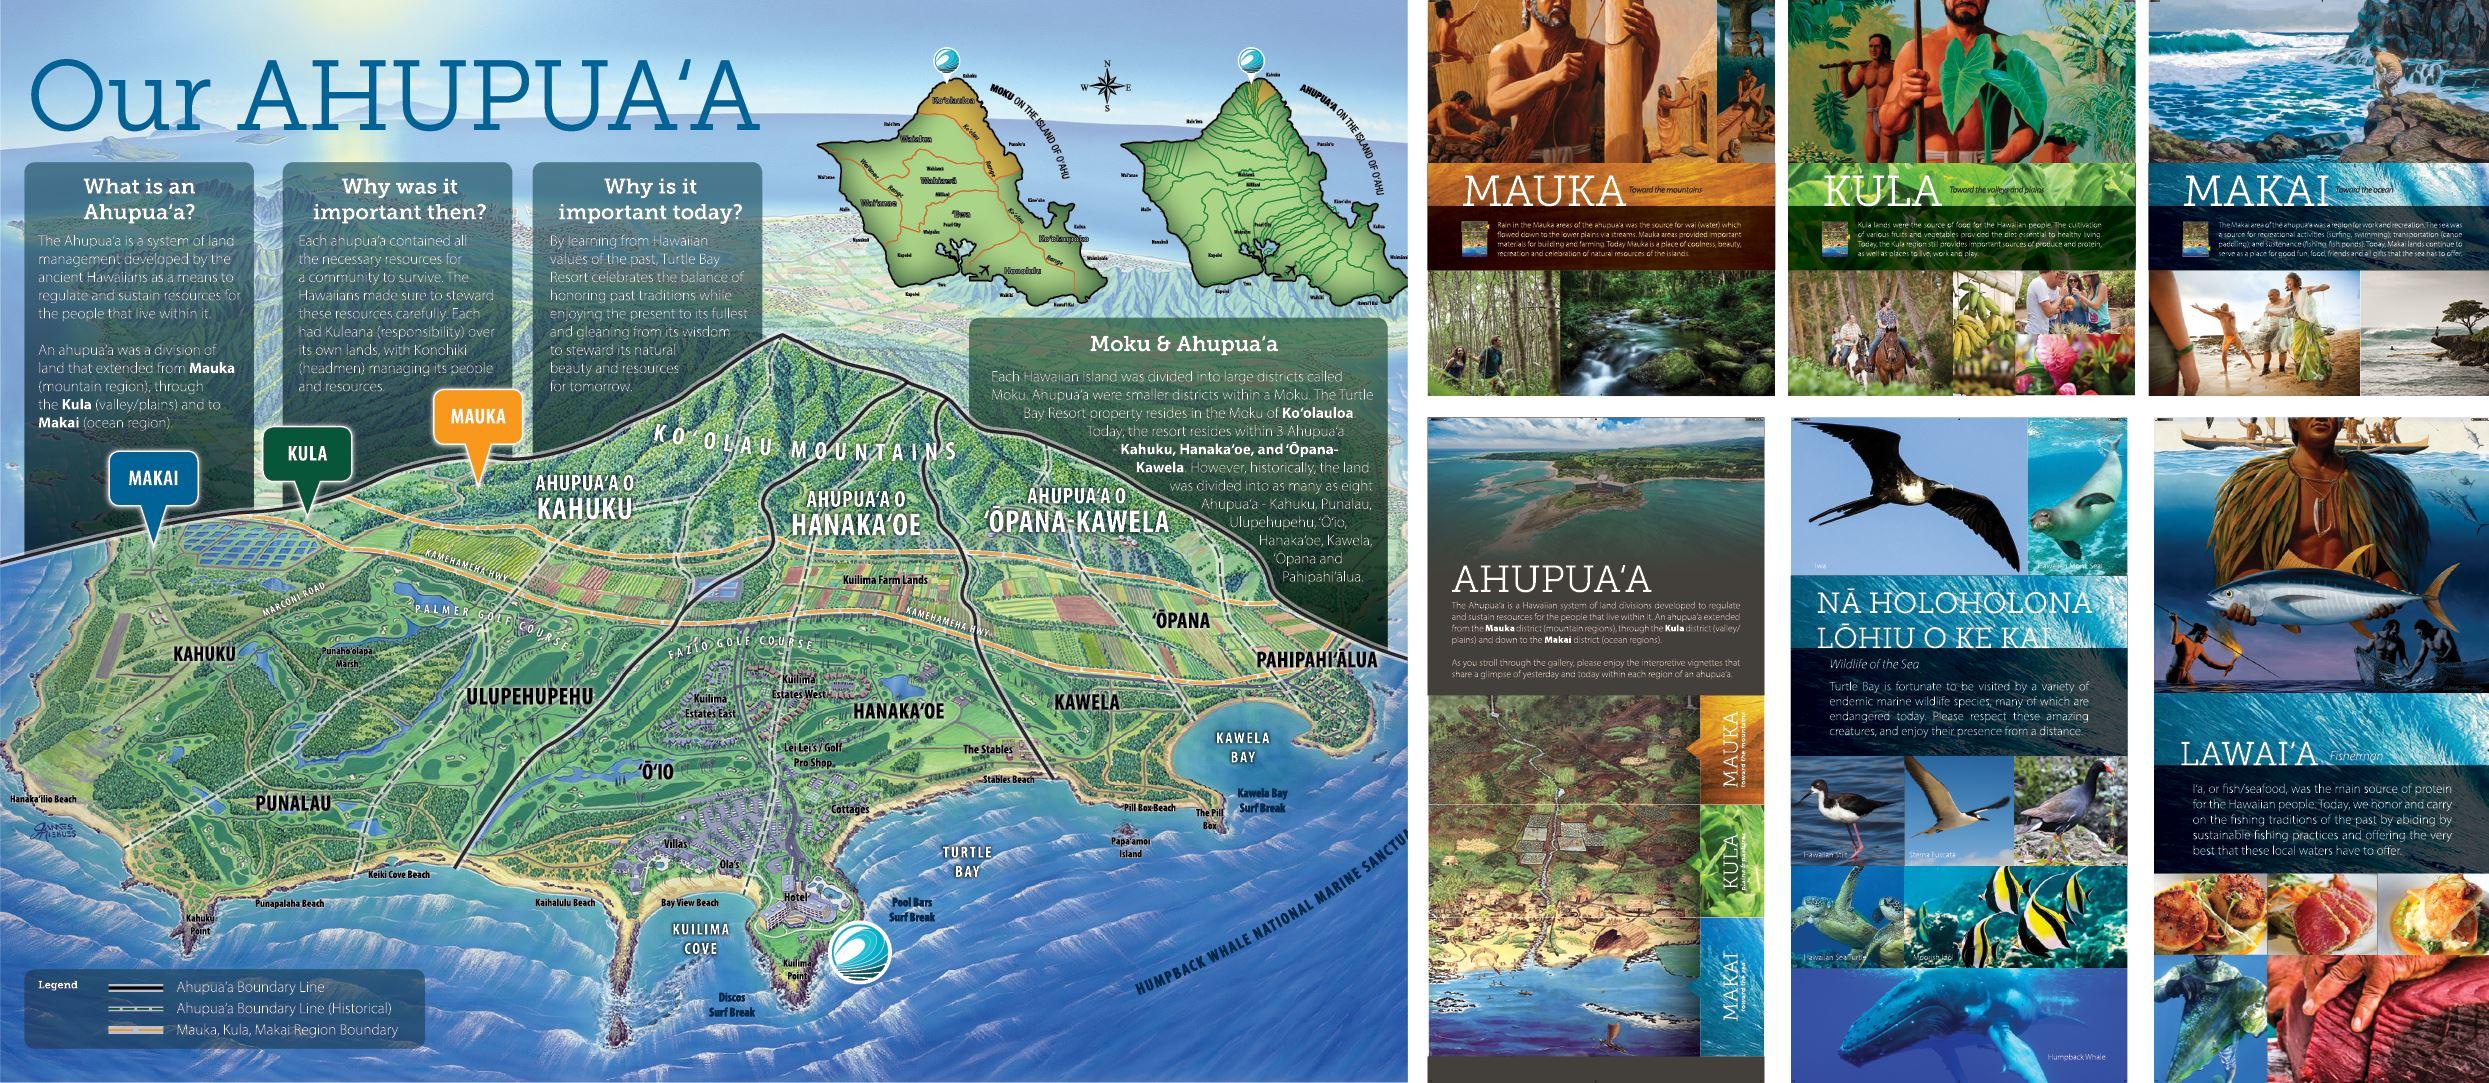 Turtle Bay Master Plan Dtl A Hawaiian Strategy Studio